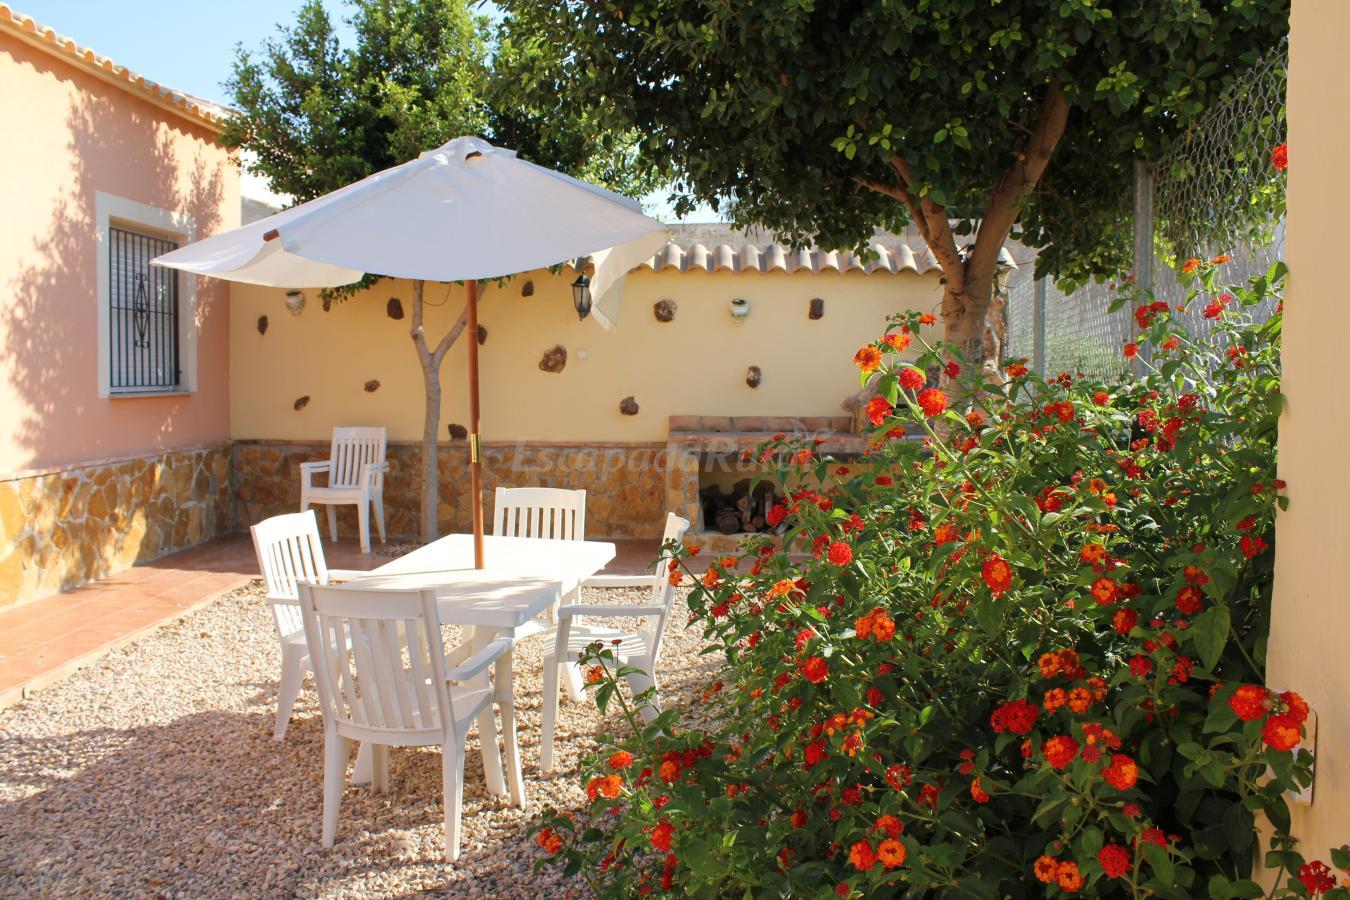 Fotos de casas rurales la nieta del gasero casa rural en - Fotos casas rurales ...